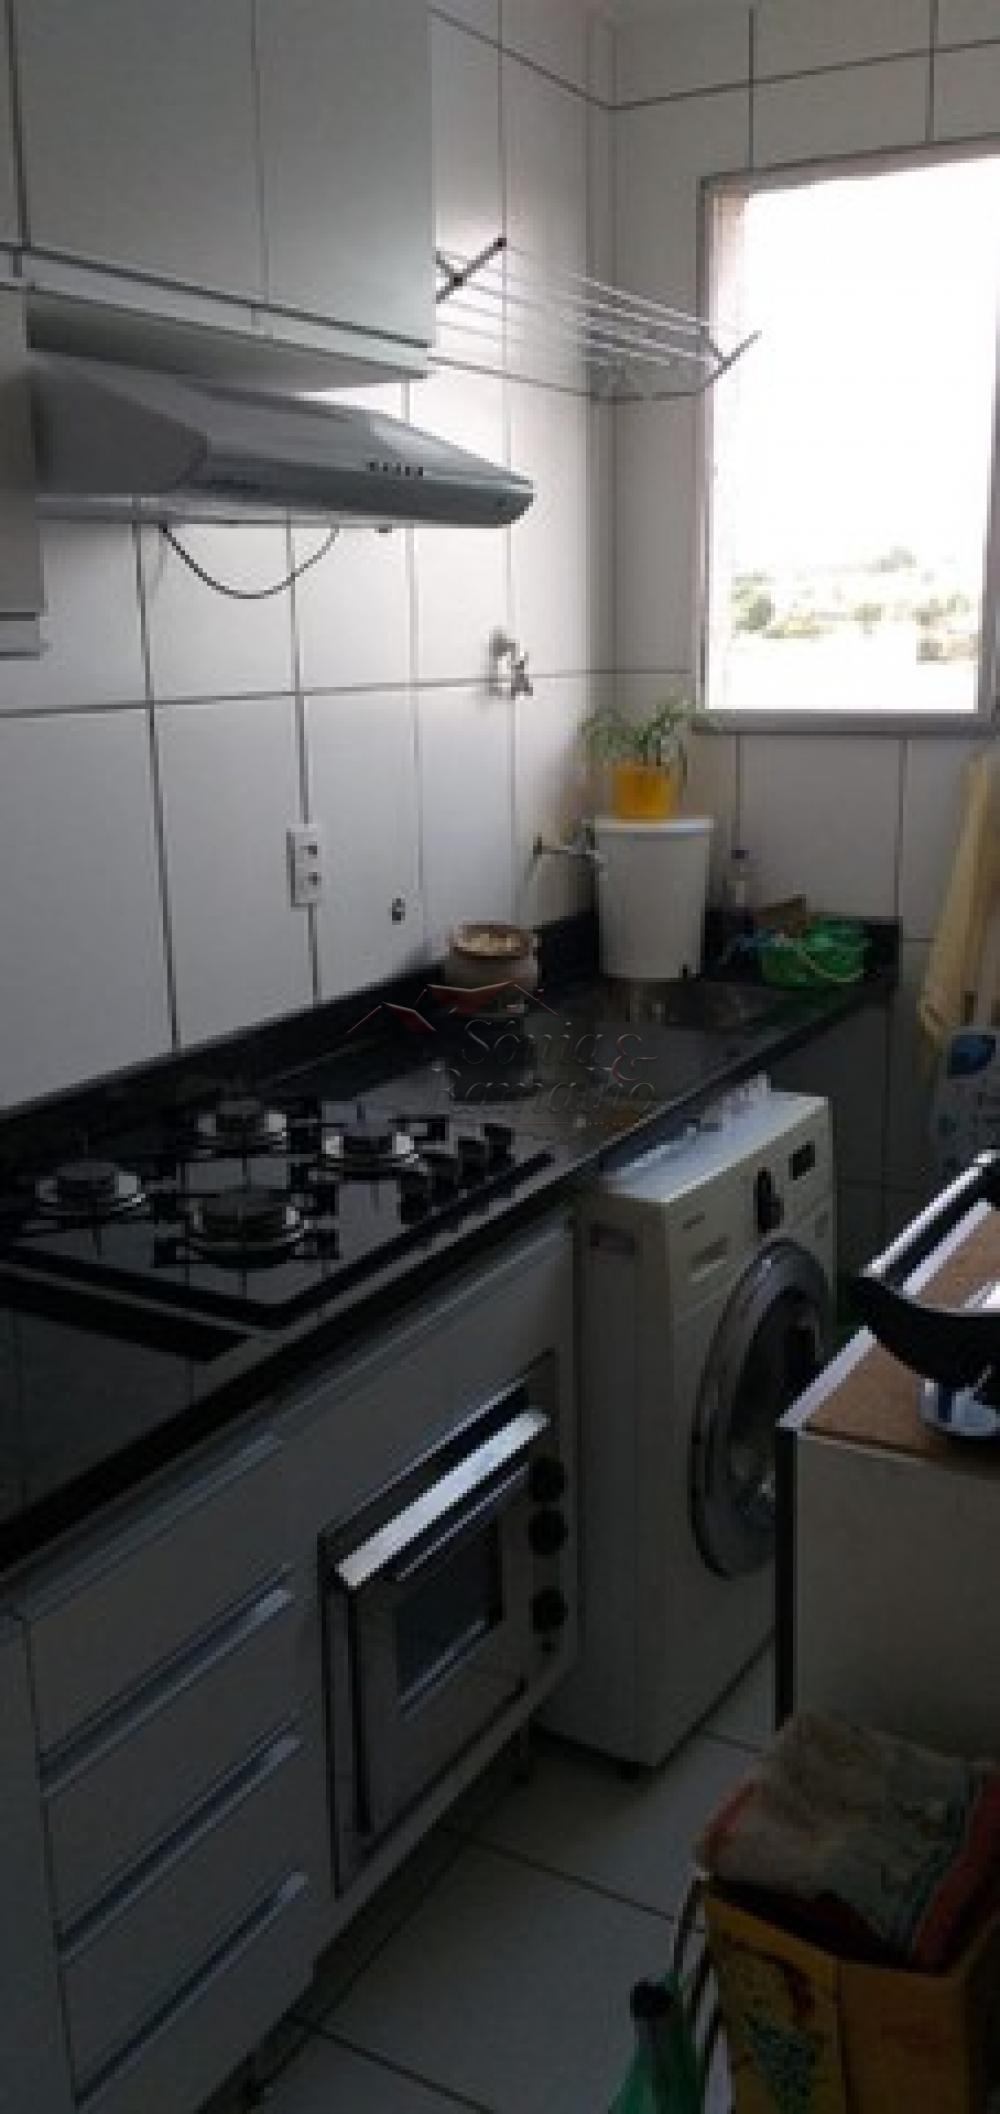 Comprar Apartamentos / Padrão em Ribeirão Preto apenas R$ 170.000,00 - Foto 2